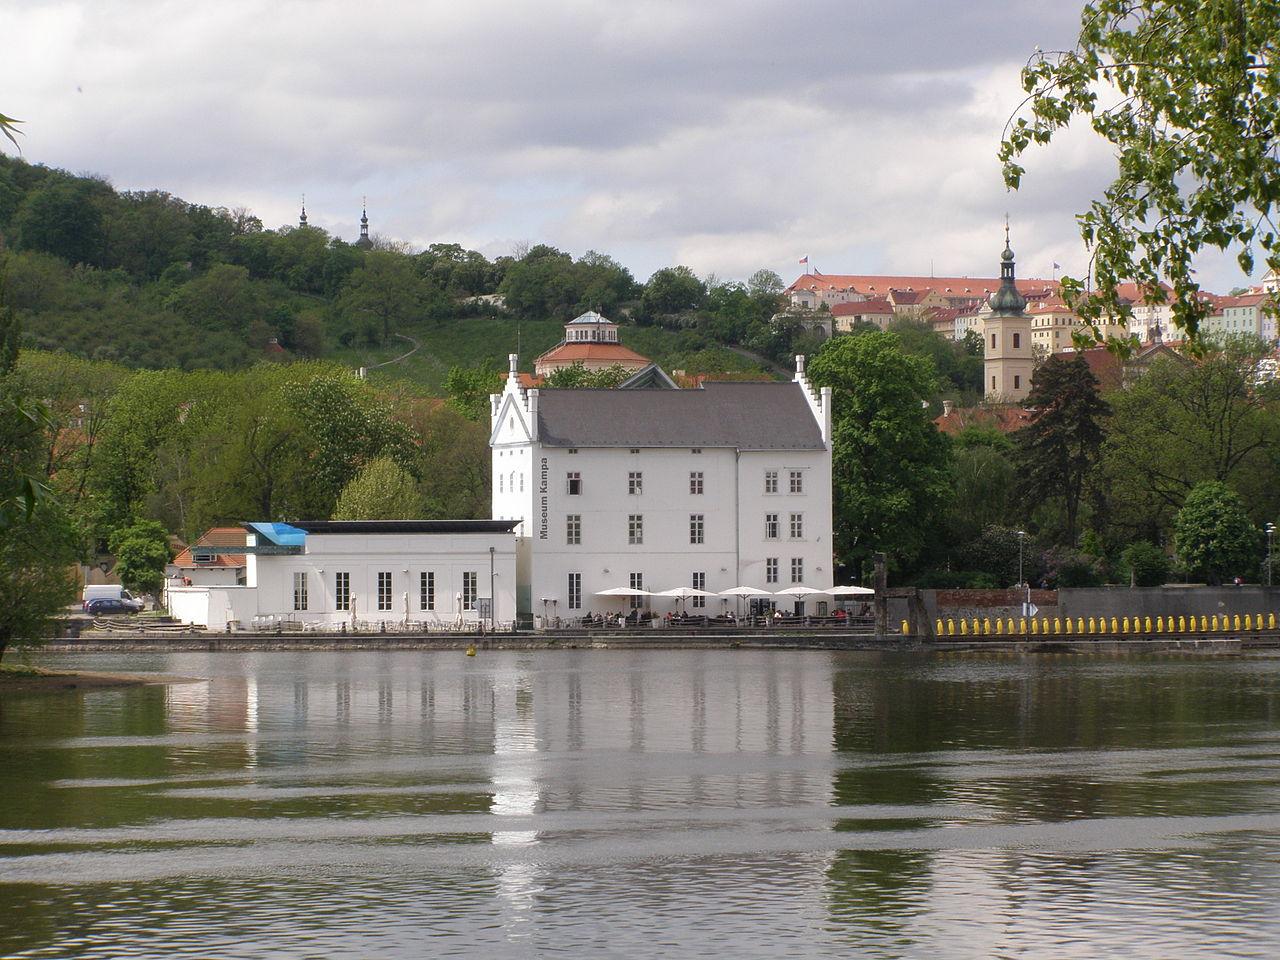 Музей Кампа на берегу реки Влтавы в Праге